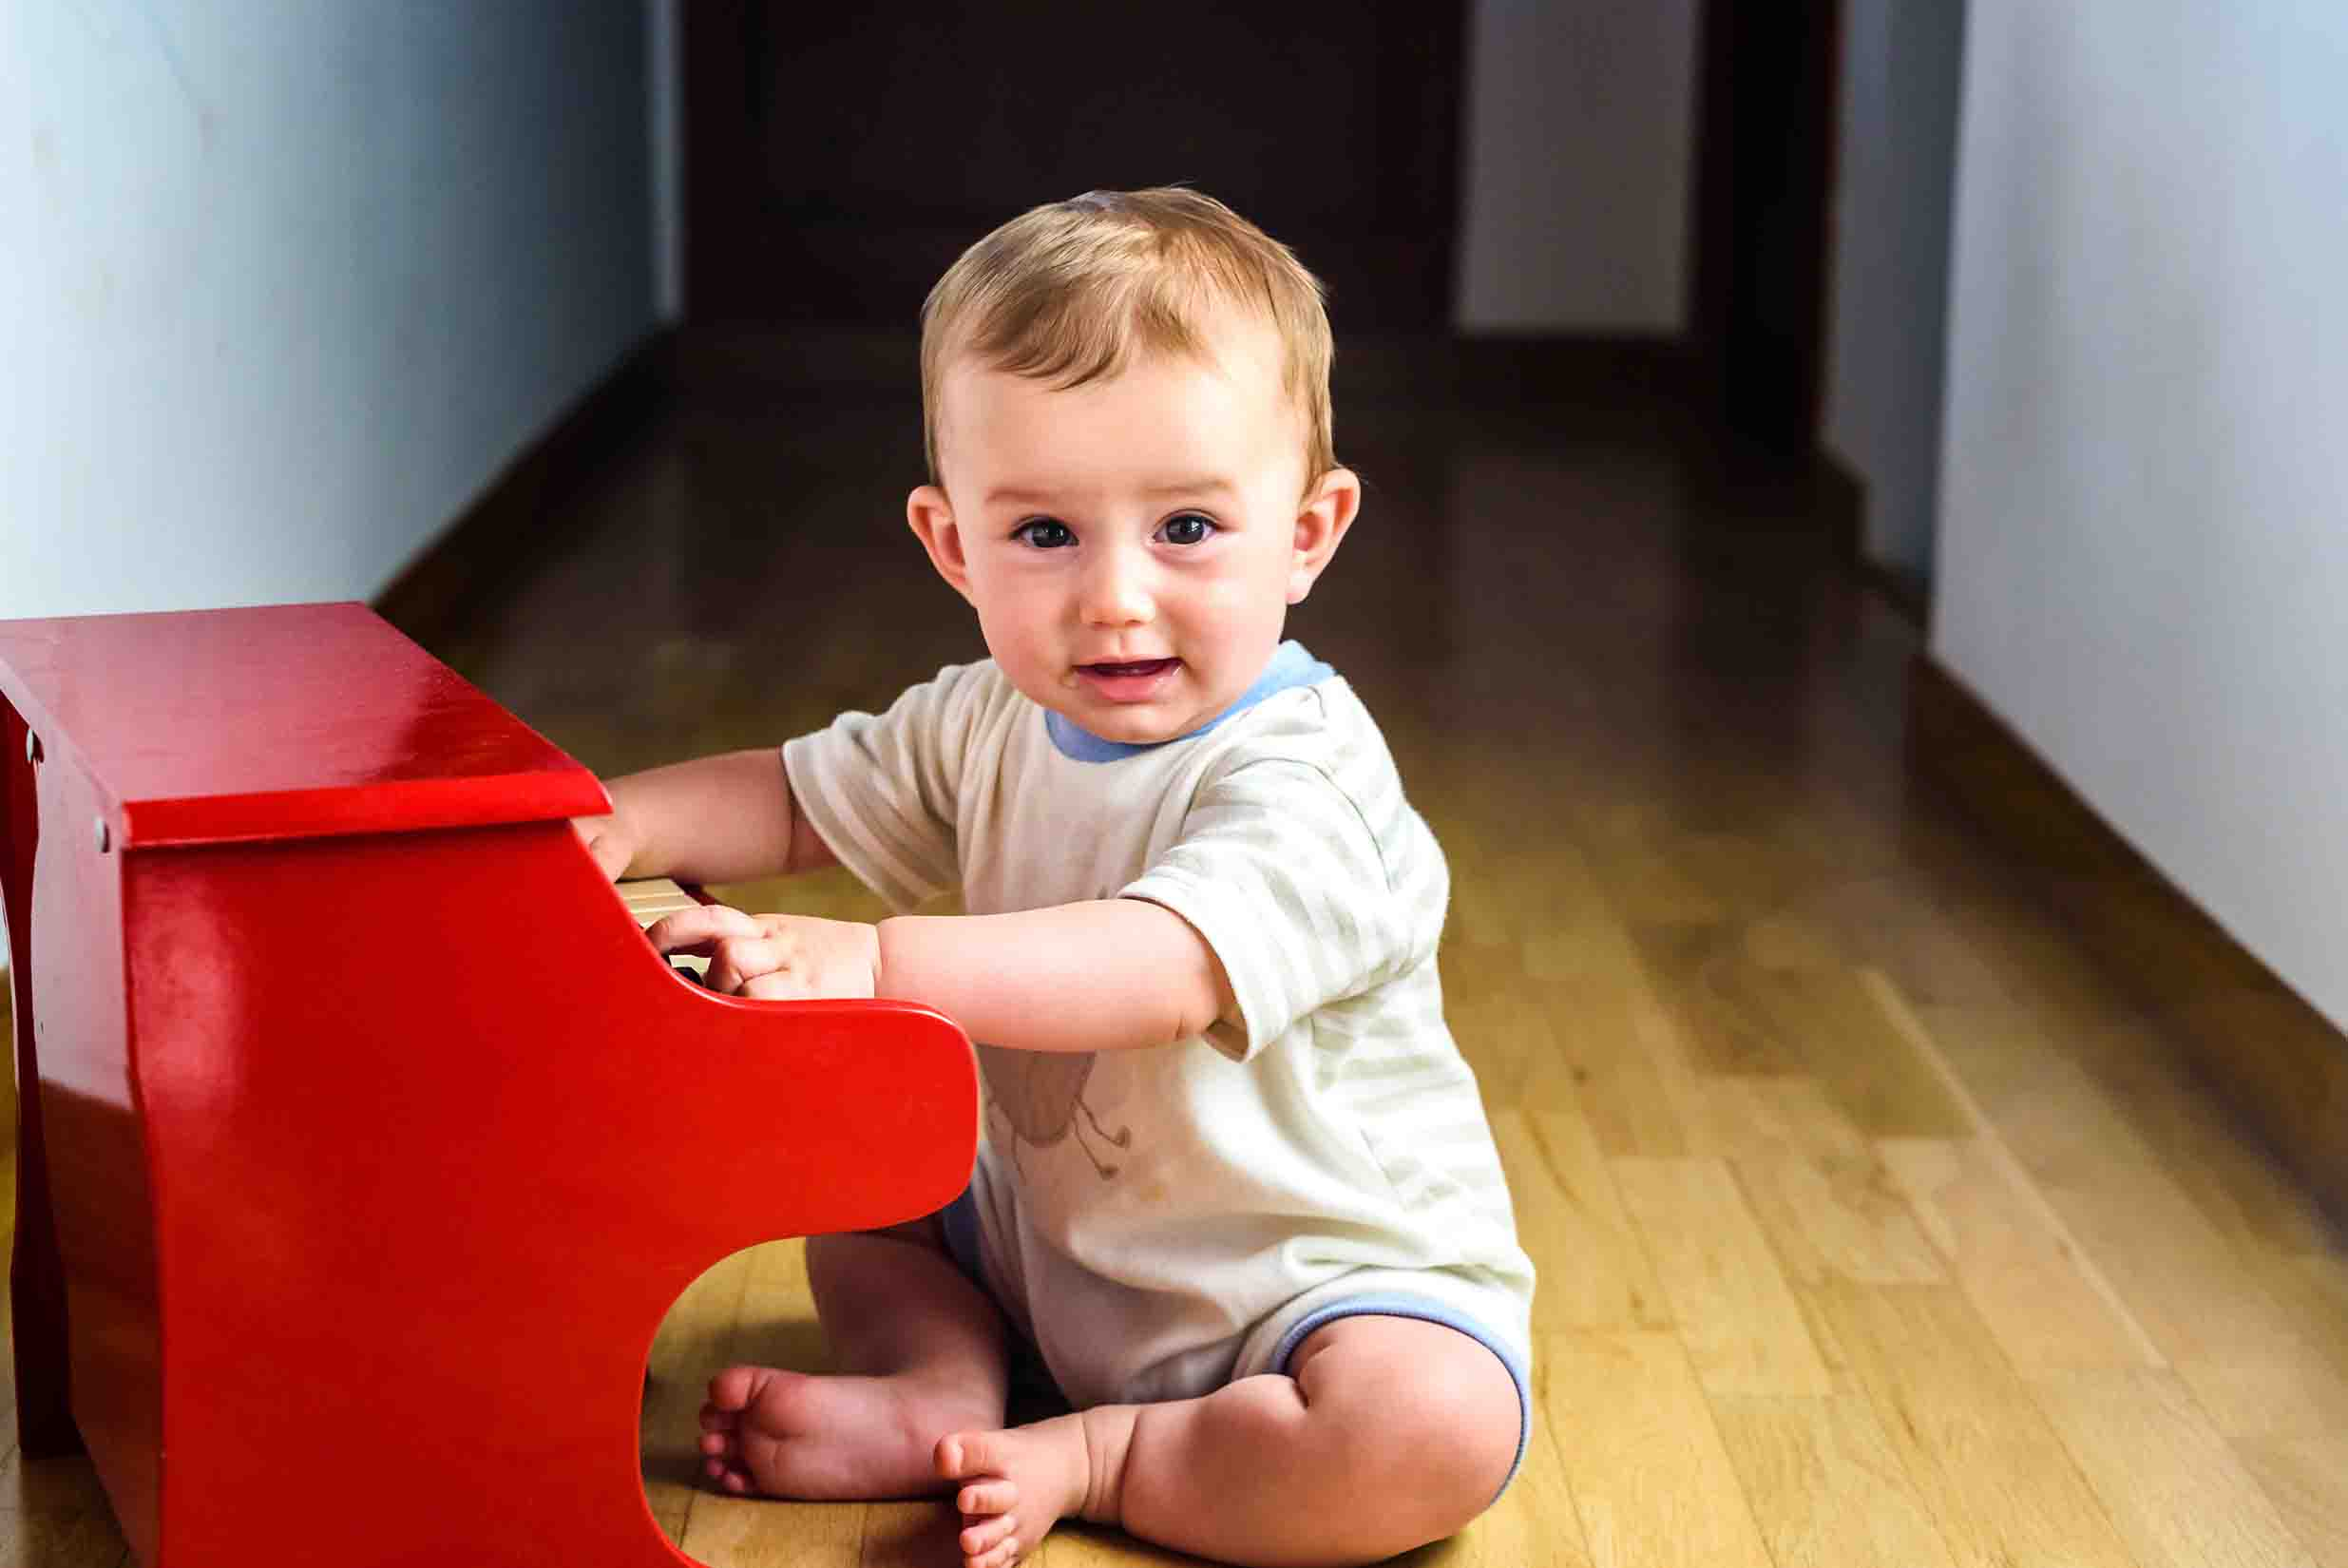 jeune enfant souriant jouant du piano